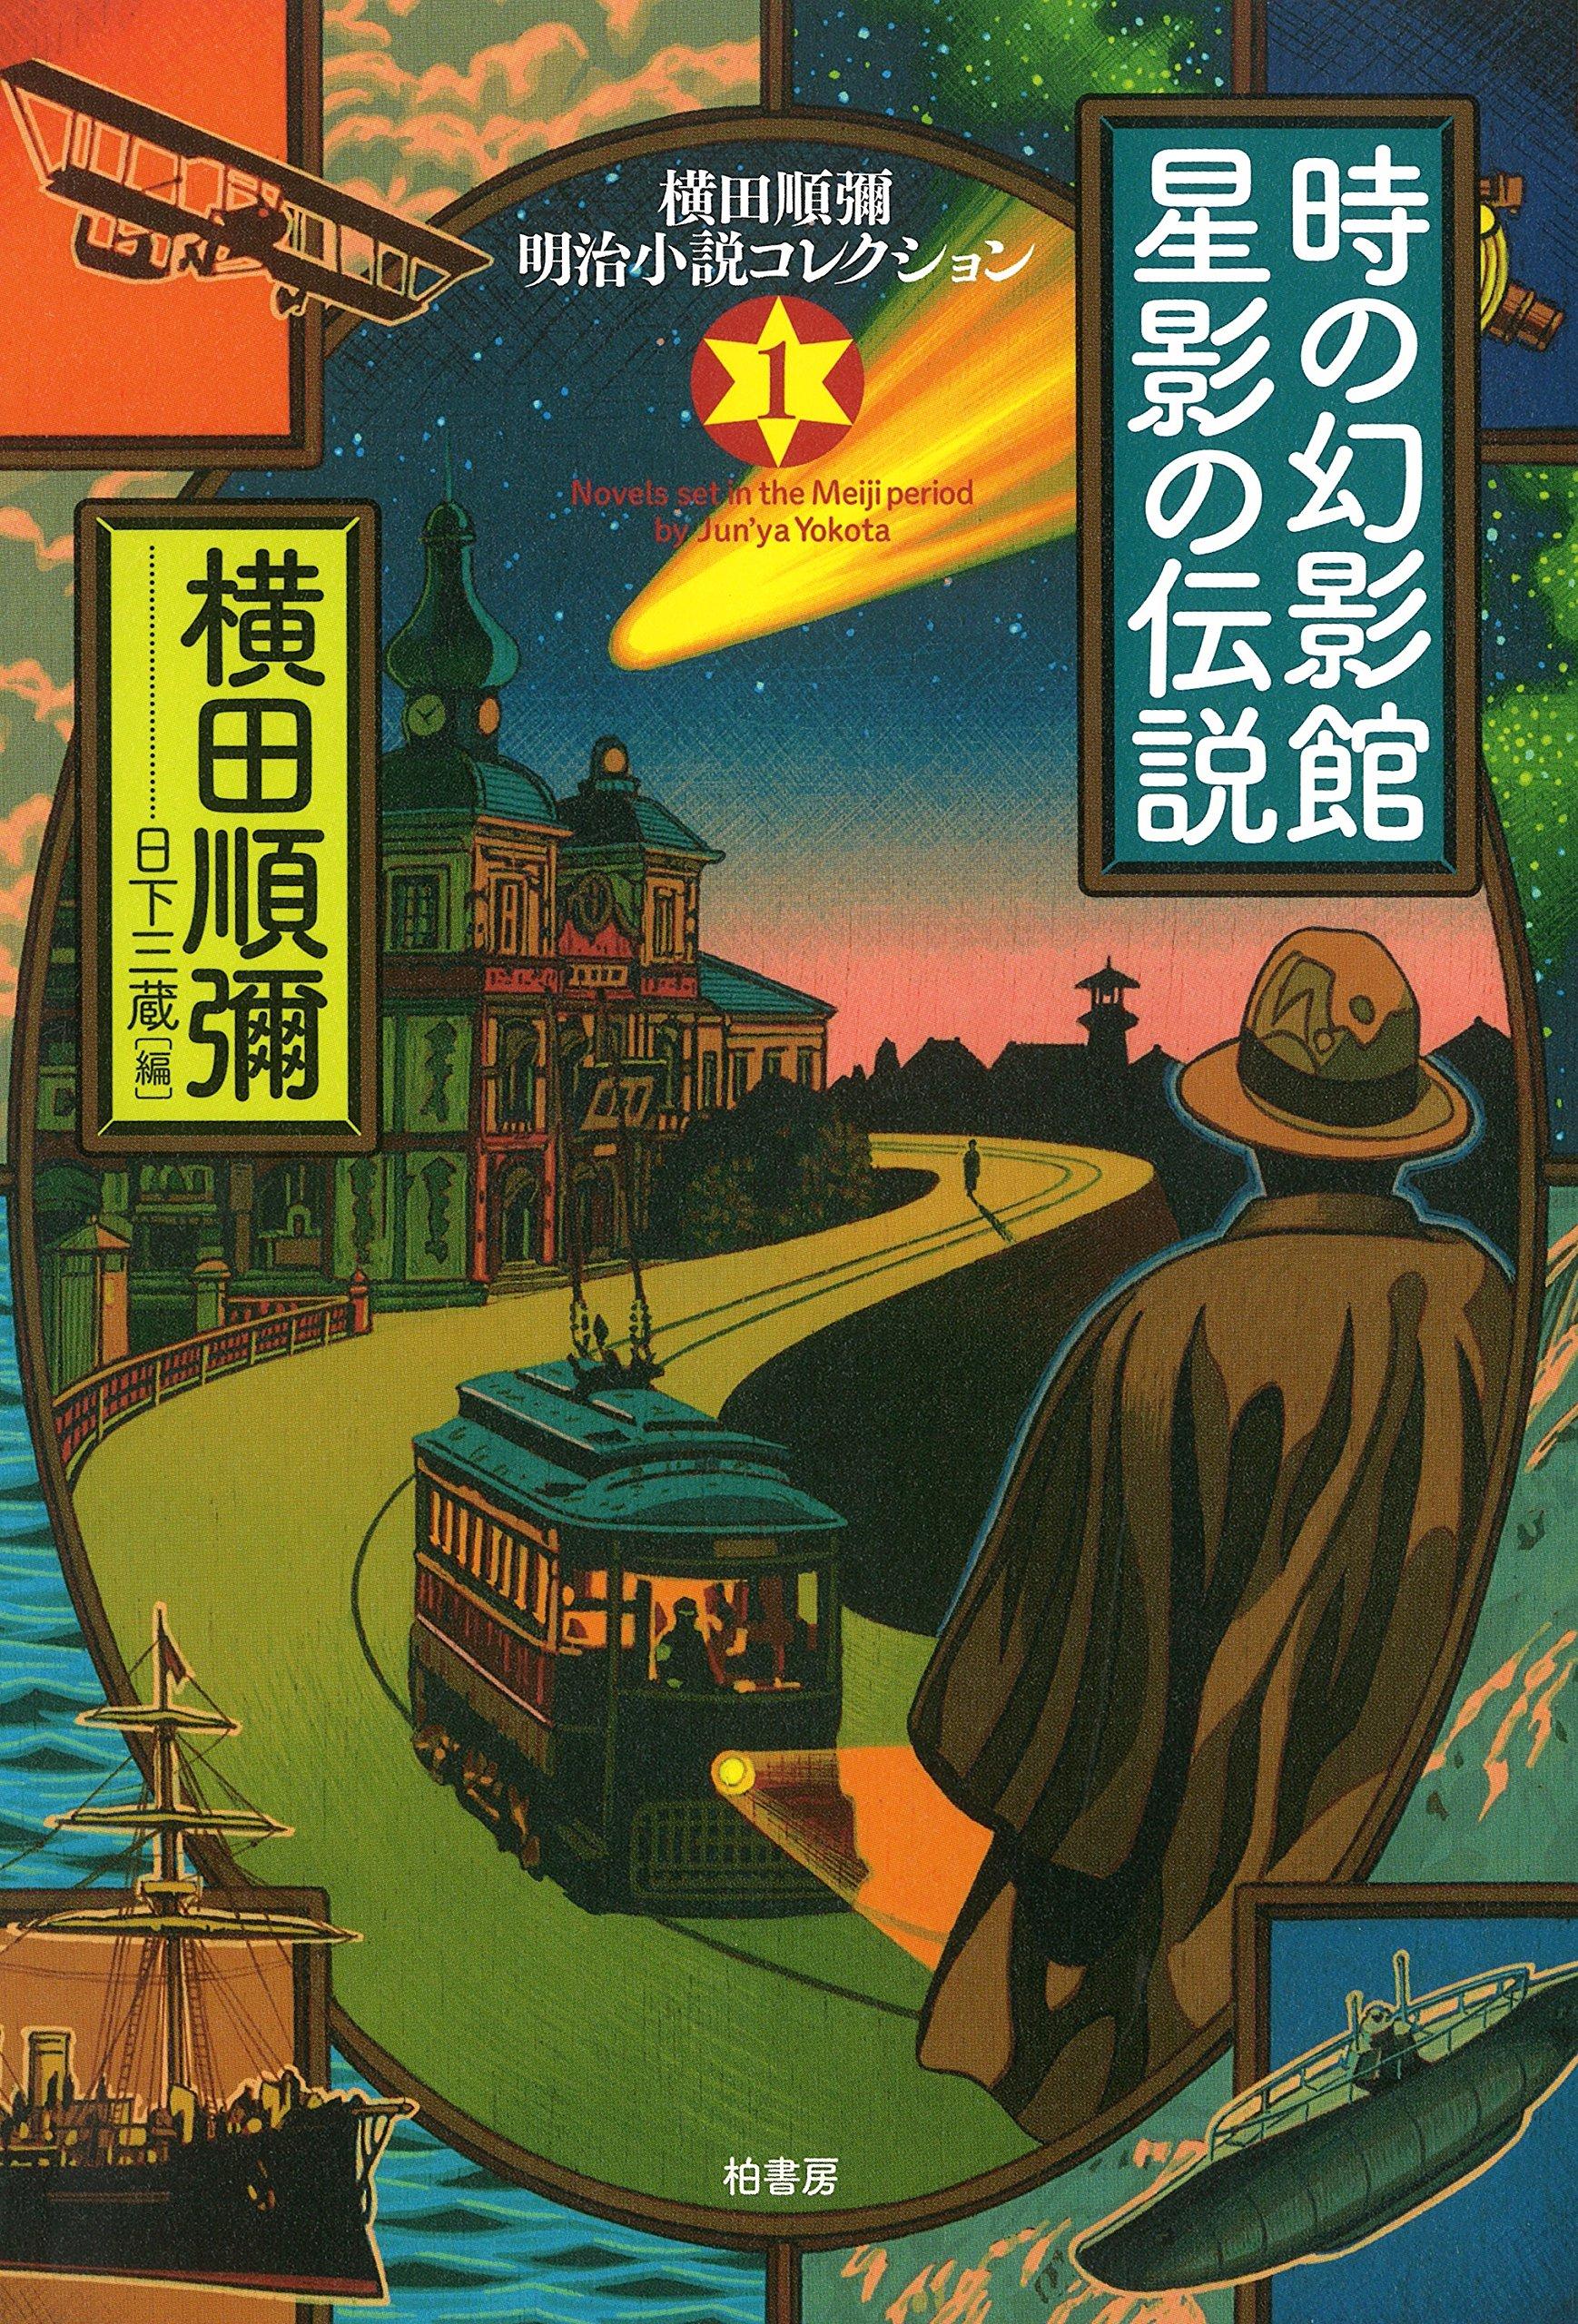 時の幻影館・星影の伝説 (横田順...